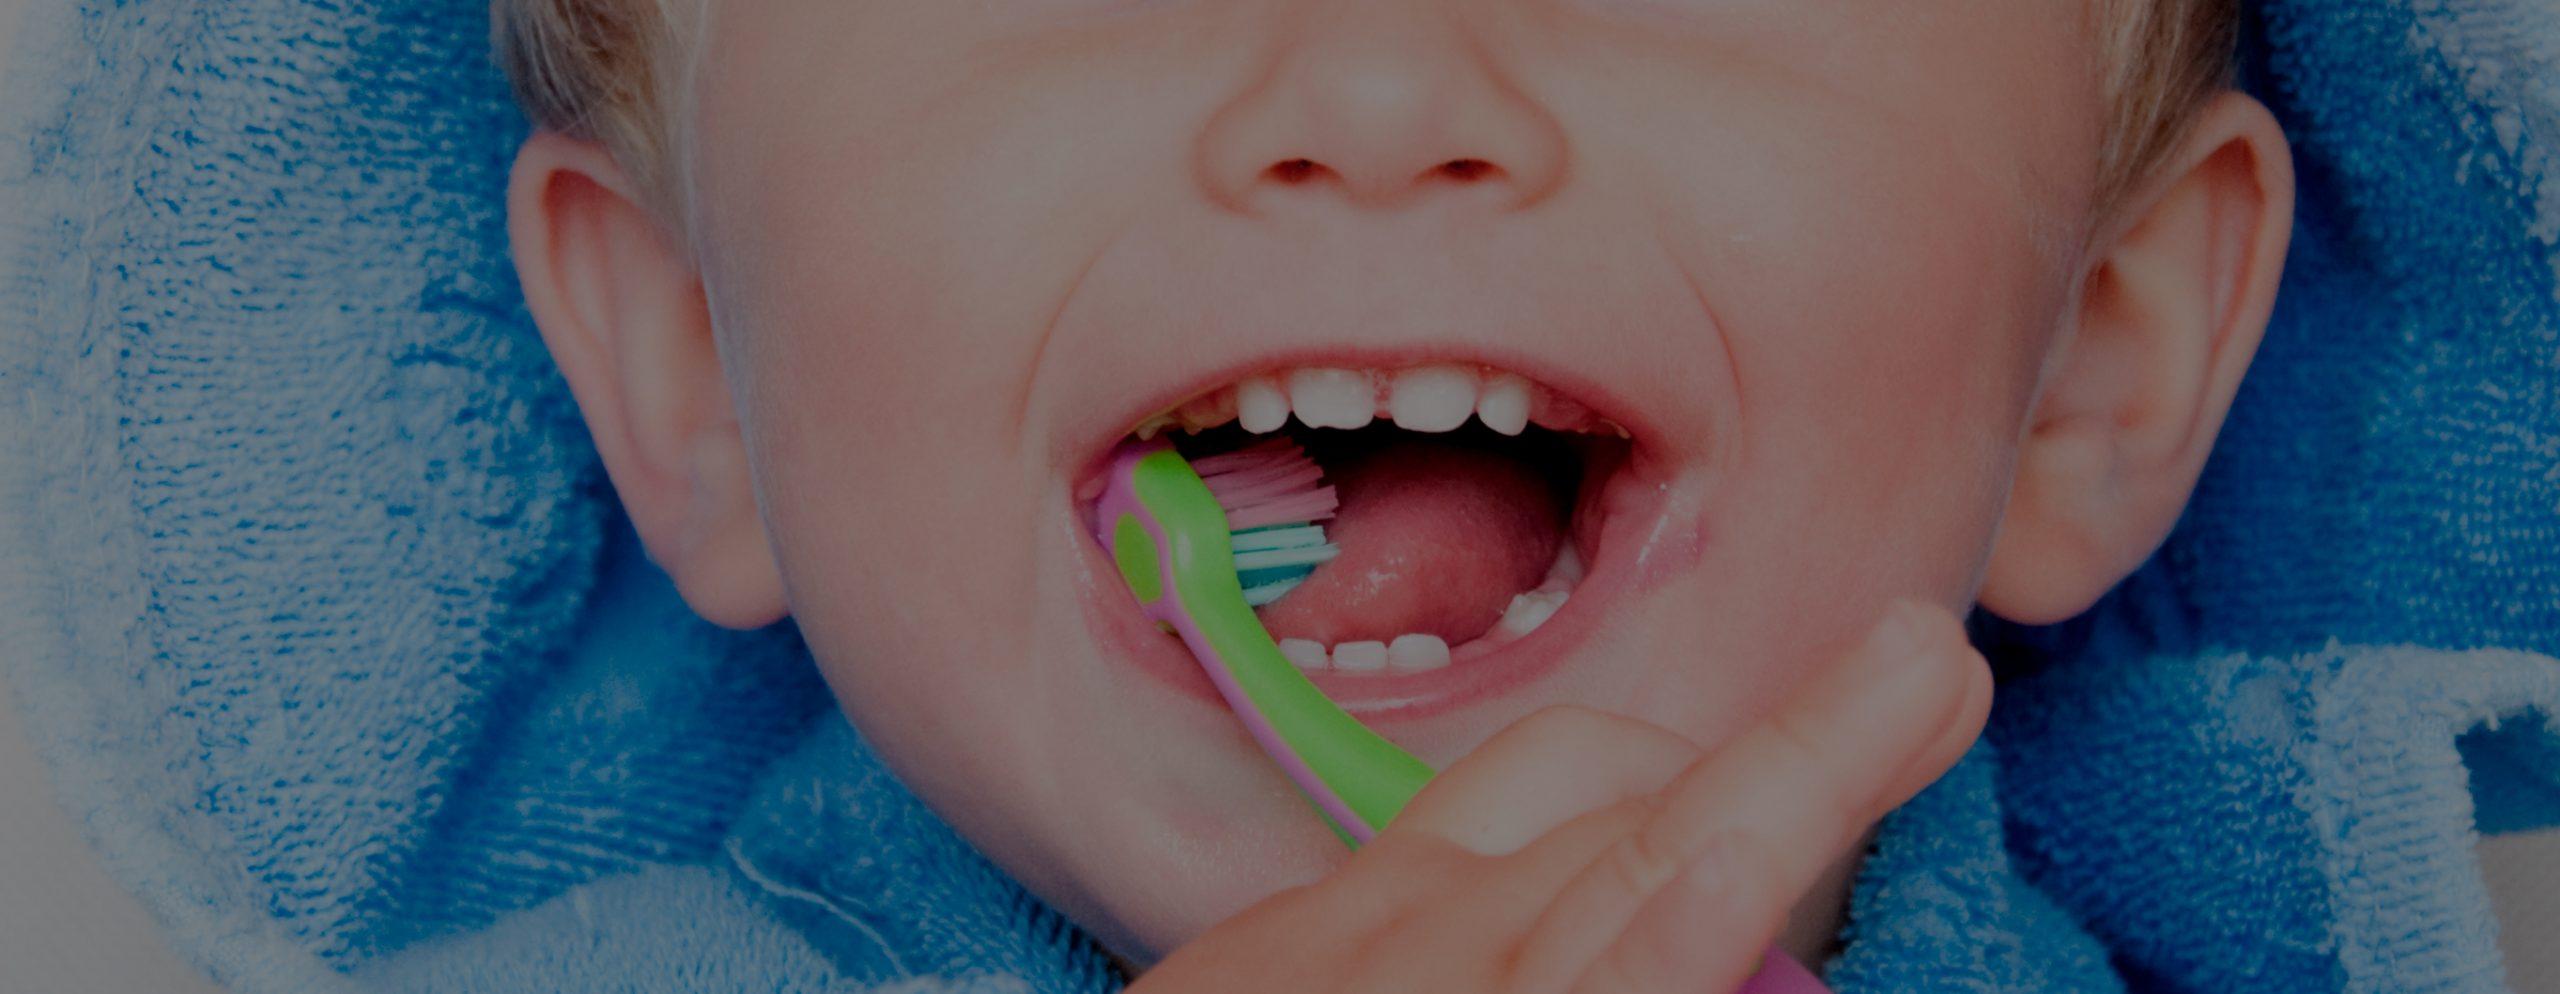 ¿Has llevado ya a tu peque al Odontopediatra?